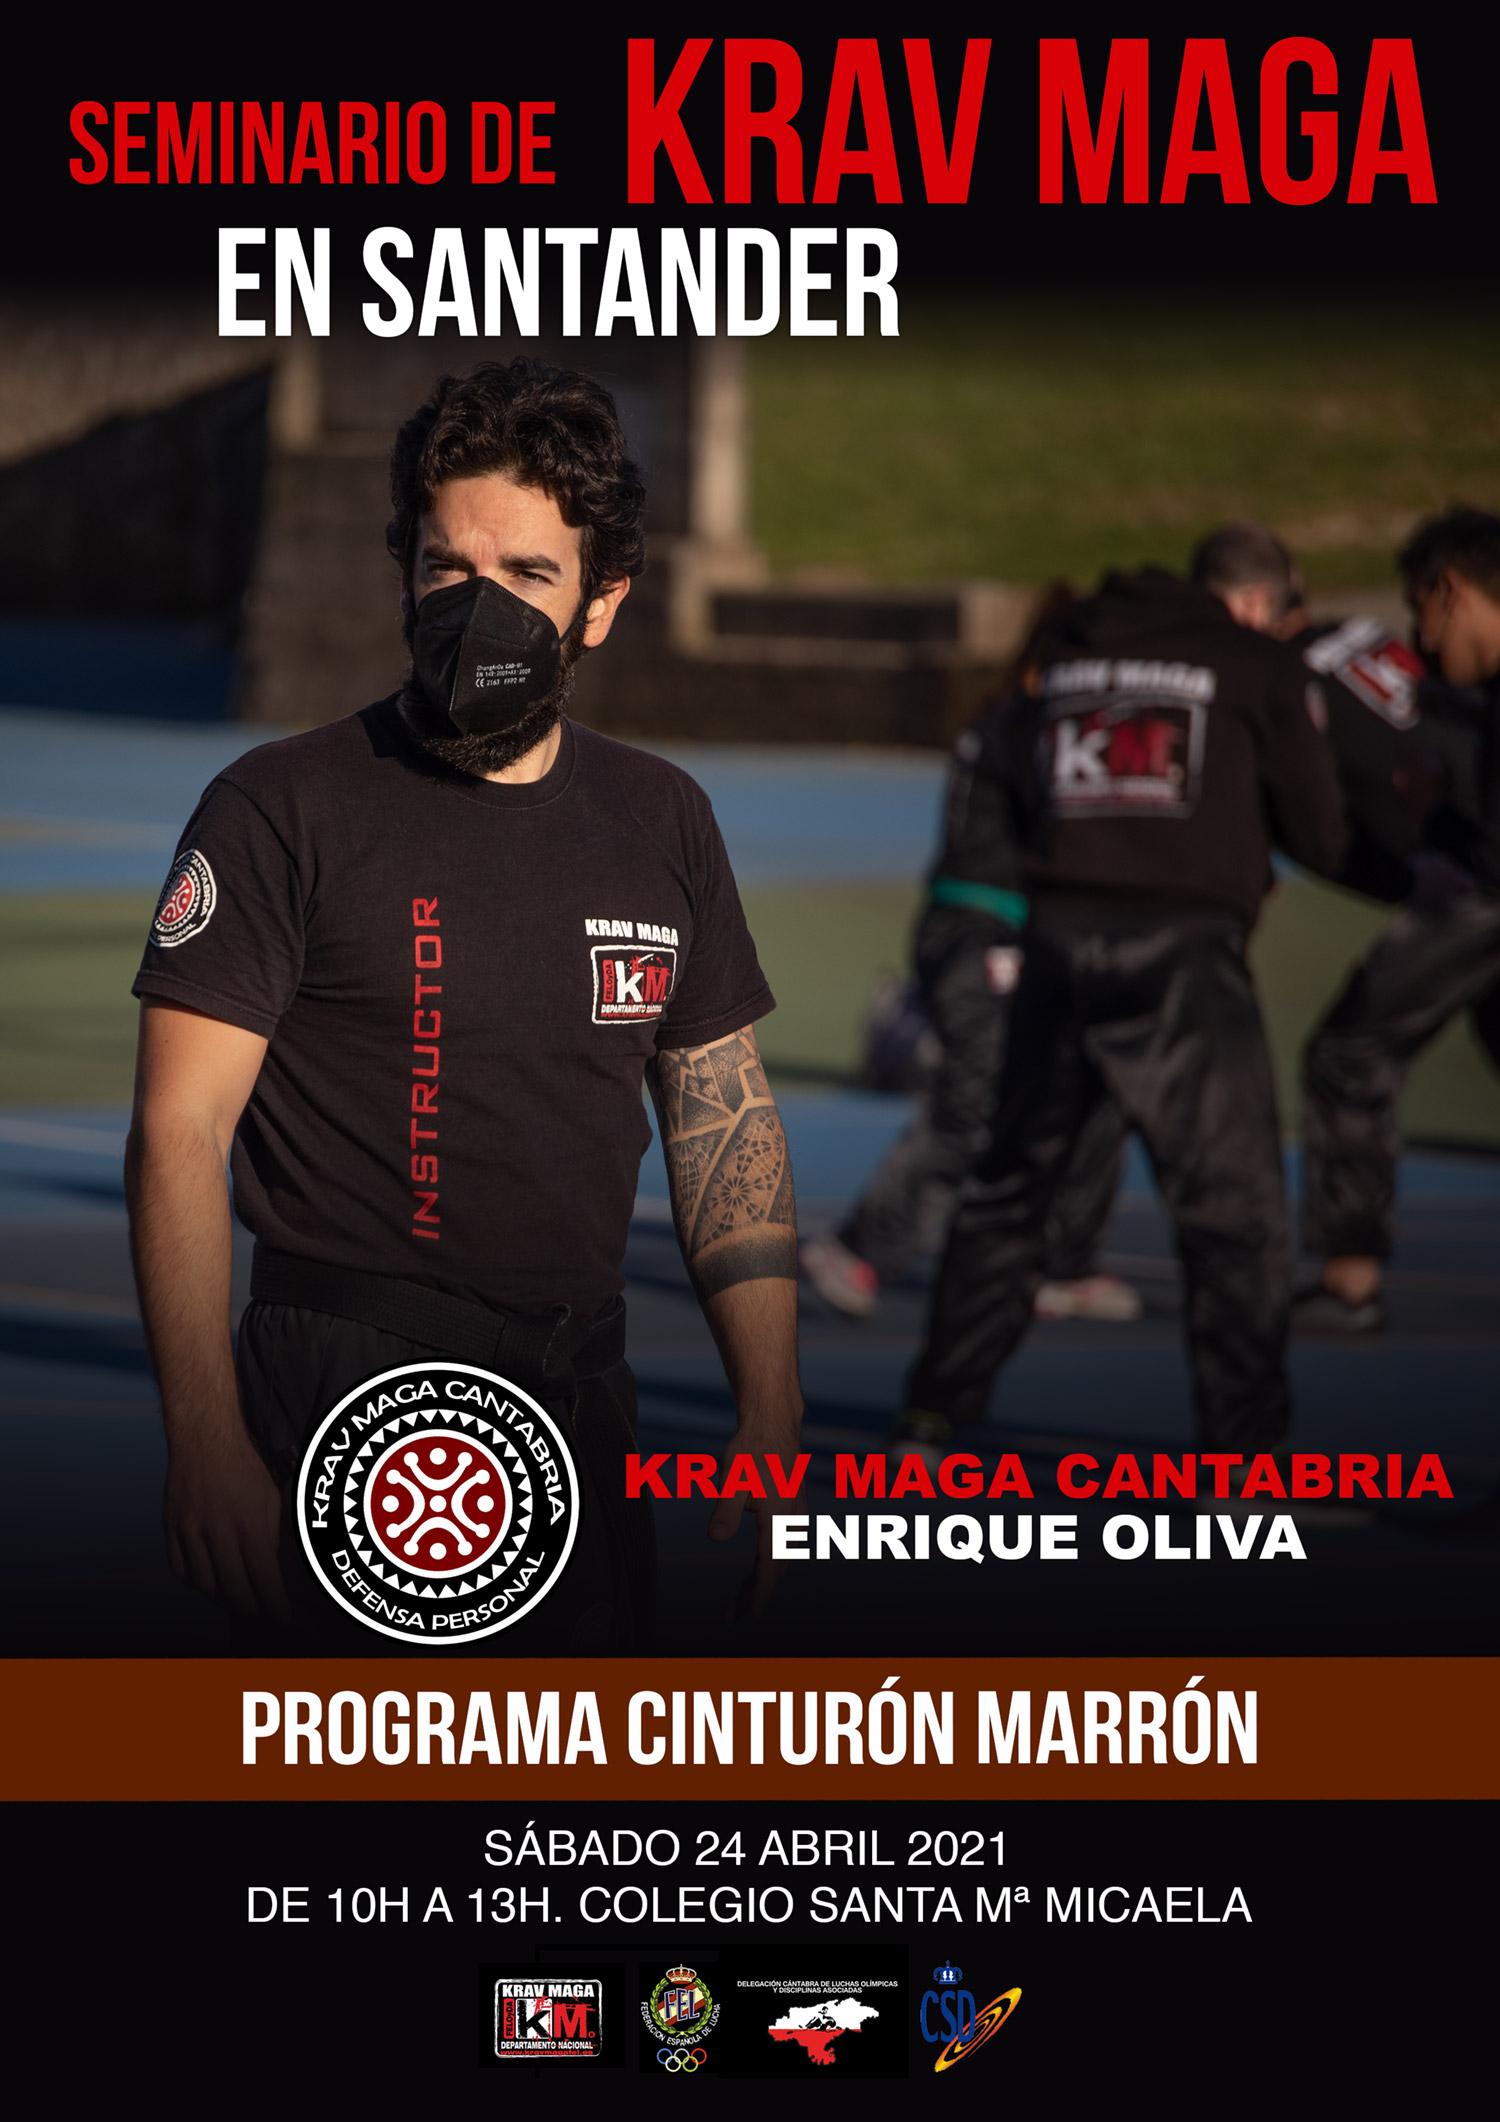 seminario krav maga santander cantabria enrique oliva cinturon marron